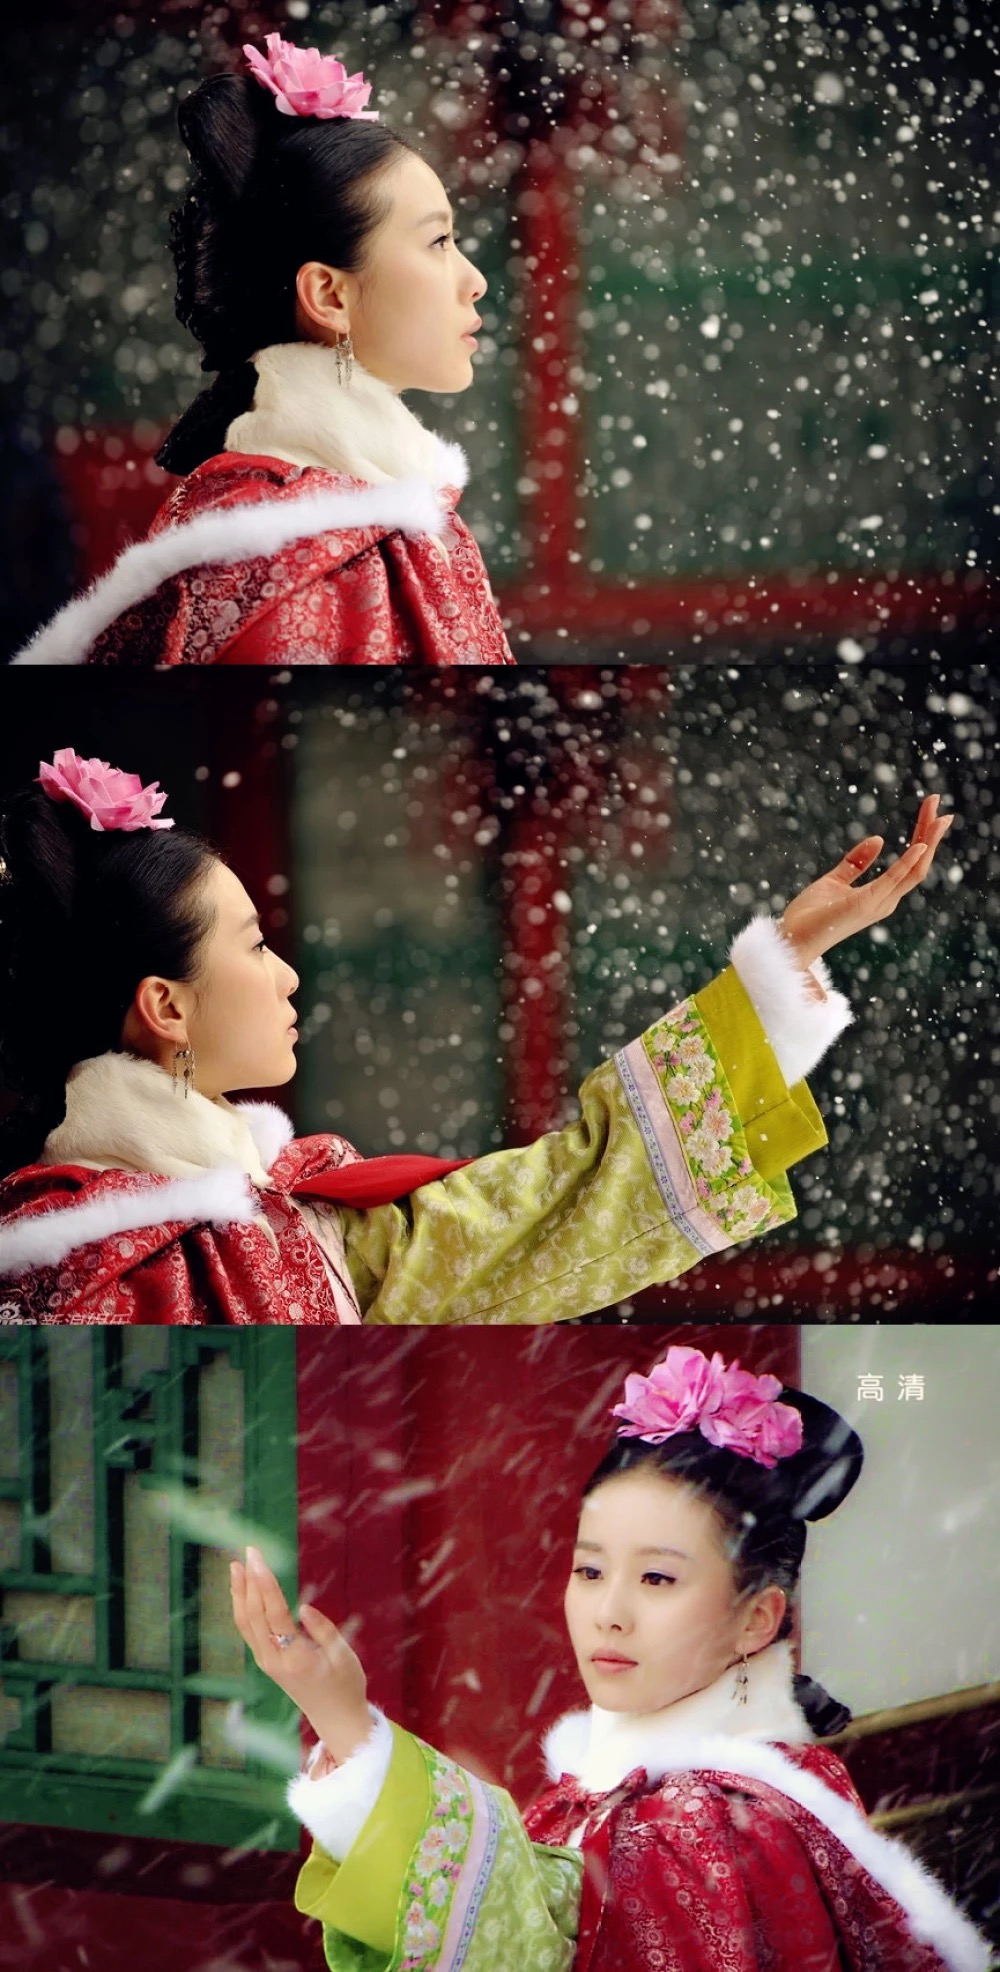 清穿三座大山都拍摄成电视剧,可只有刘诗诗这部最火插图(3)